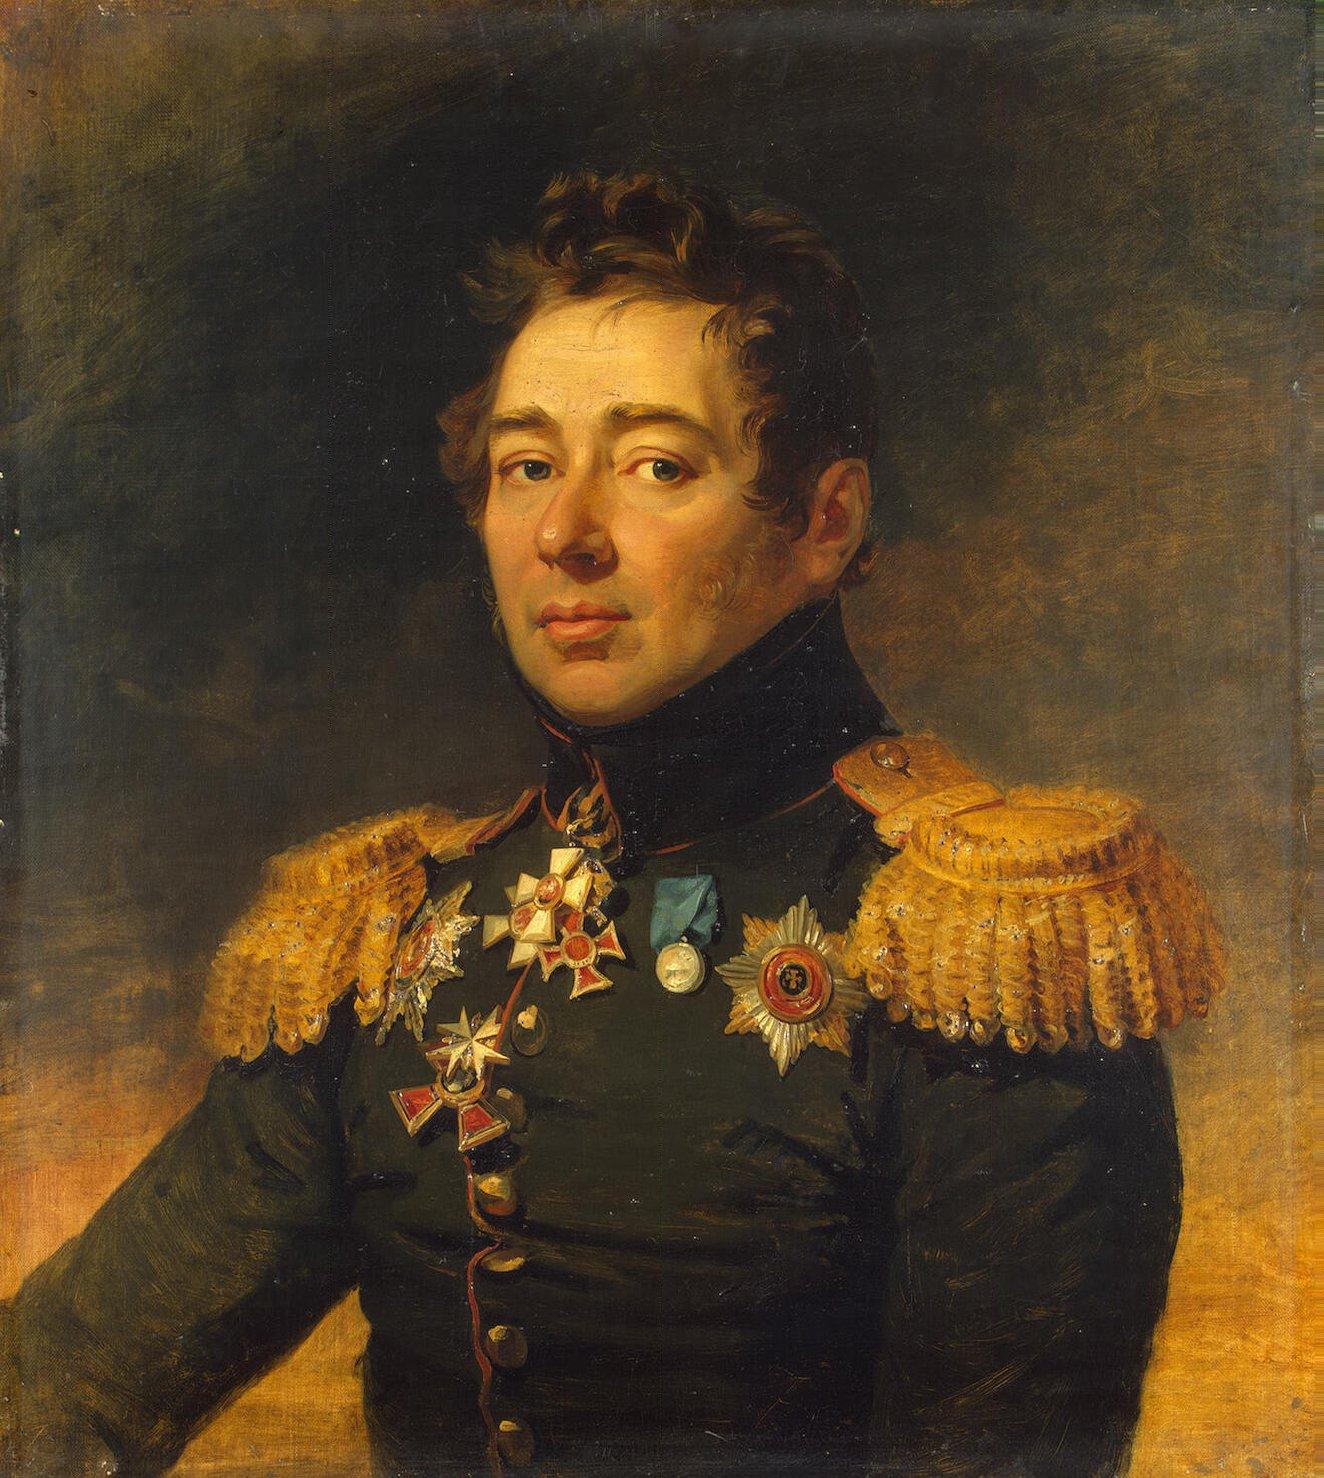 Никитин, Алексей Петрович